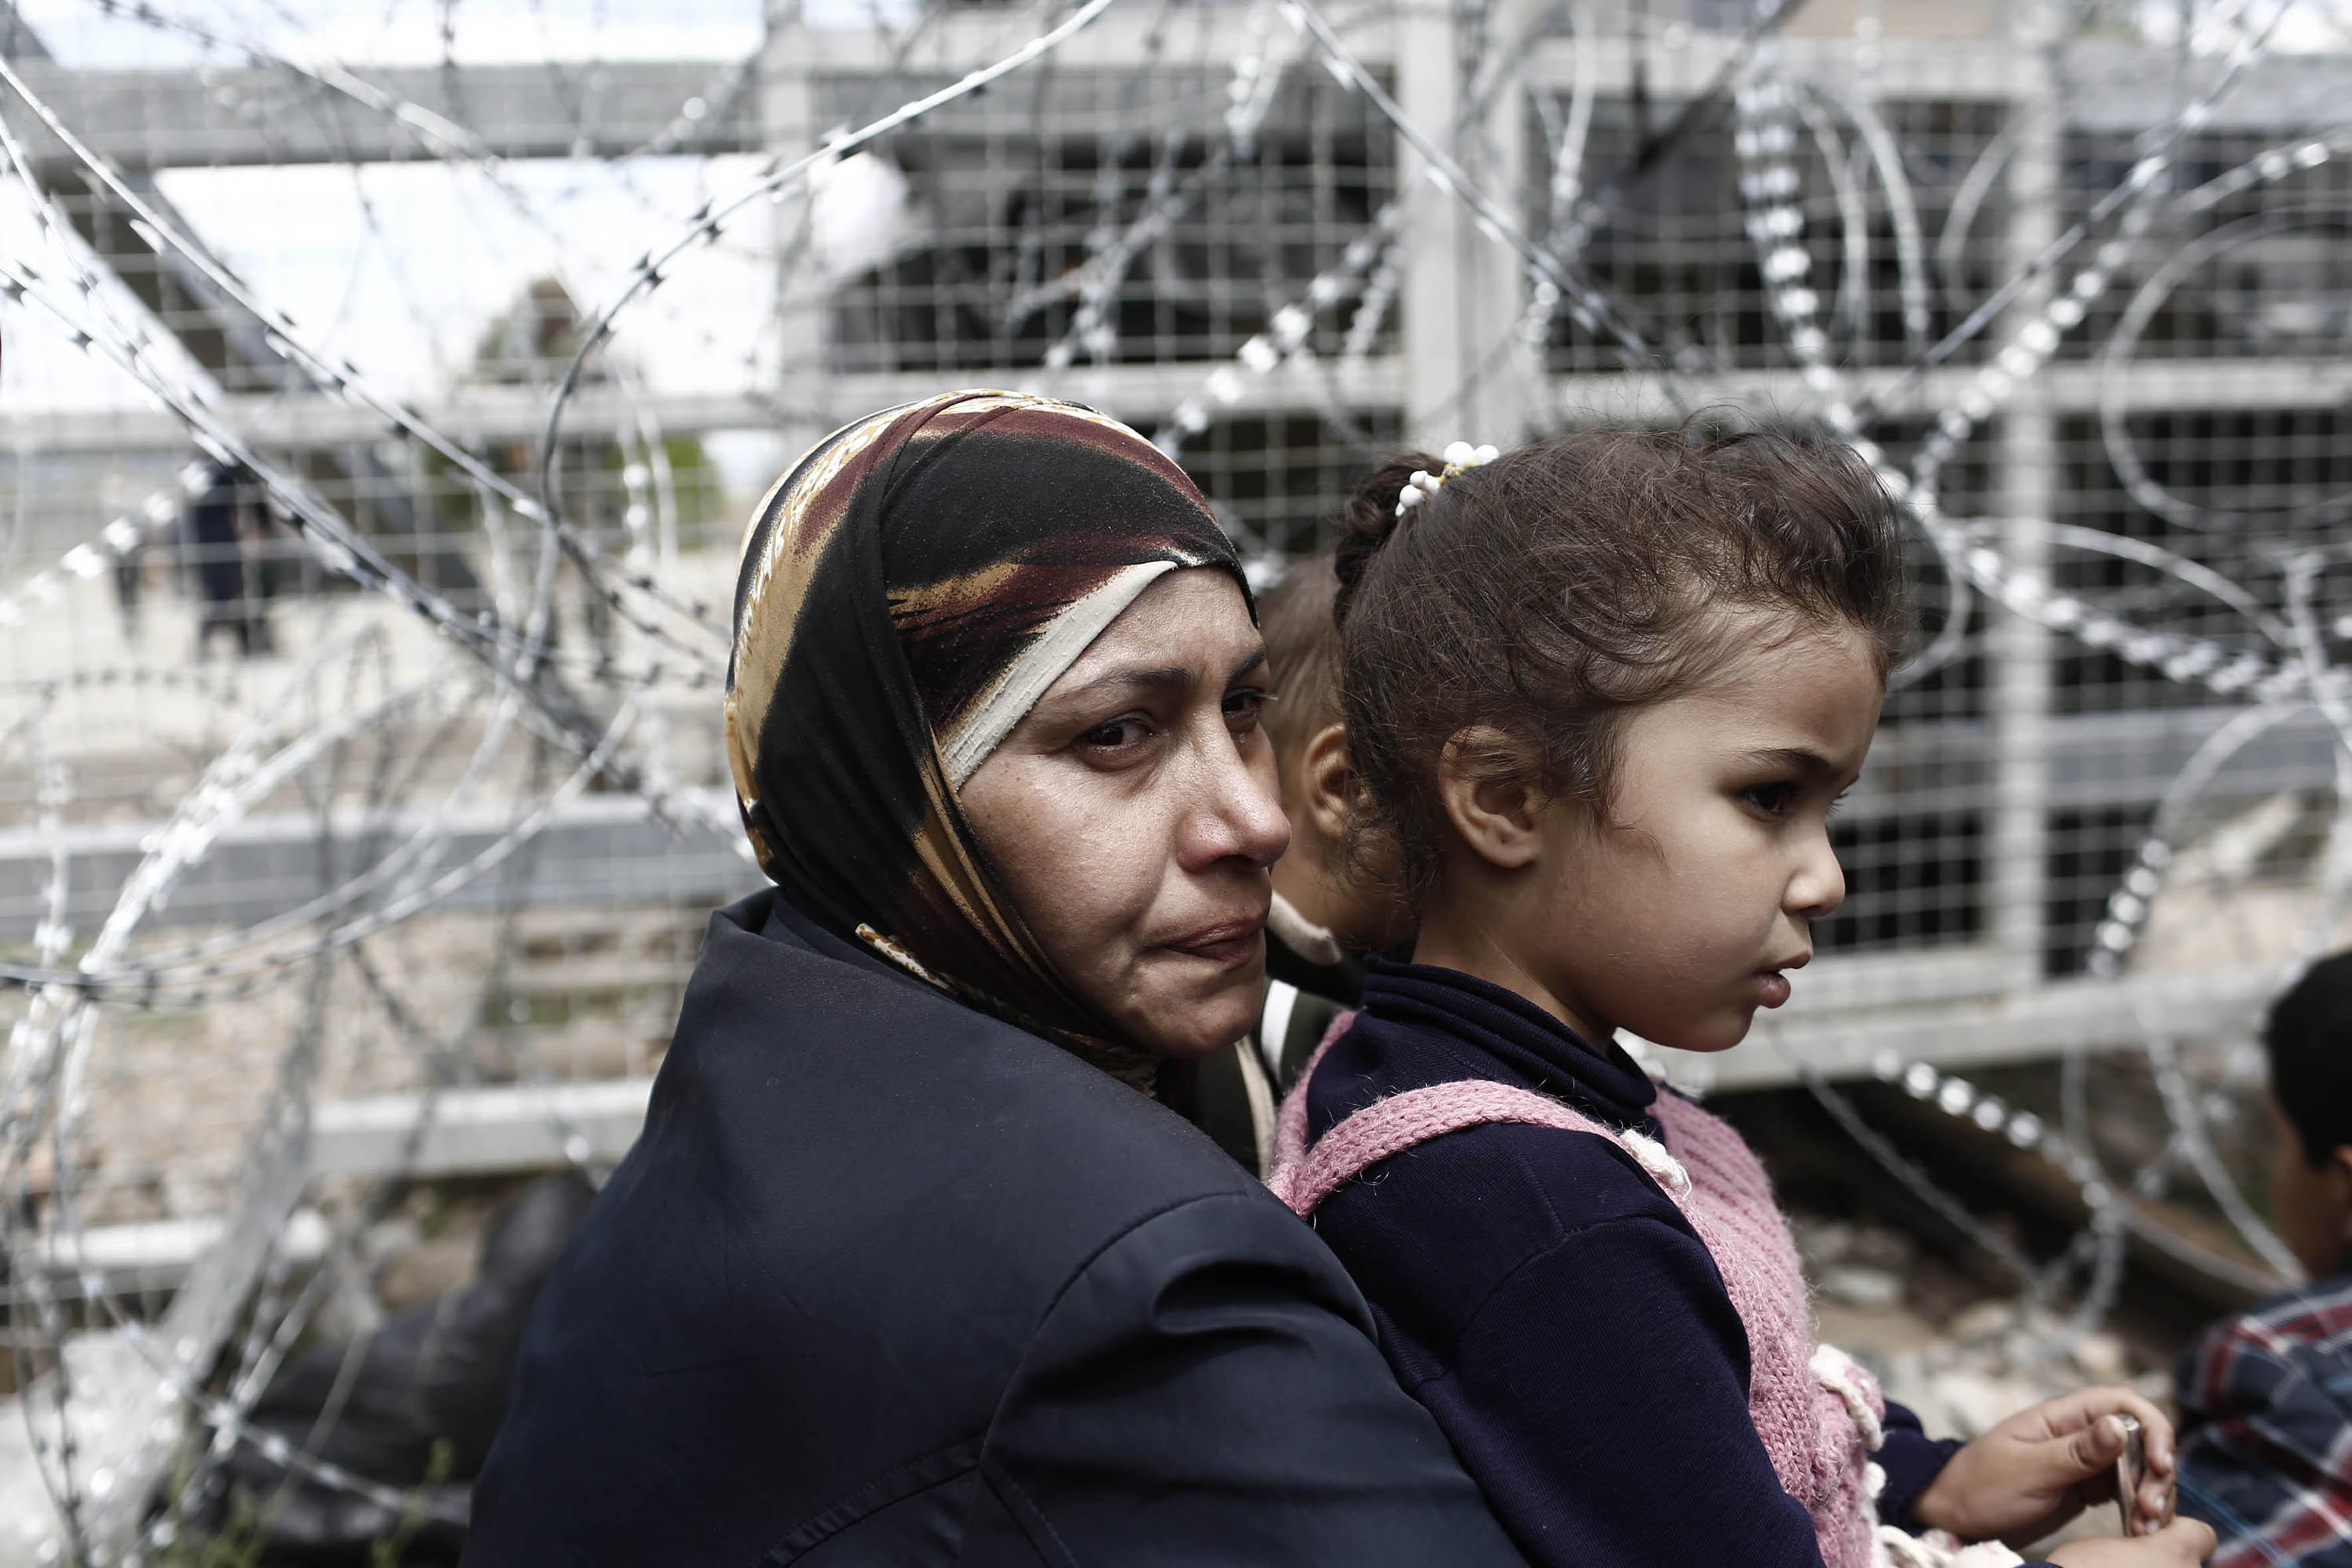 Διεθνής Αμνηστία: Το 80% των πολιτών αποδέχονται τους πρόσφυγες | tovima.gr